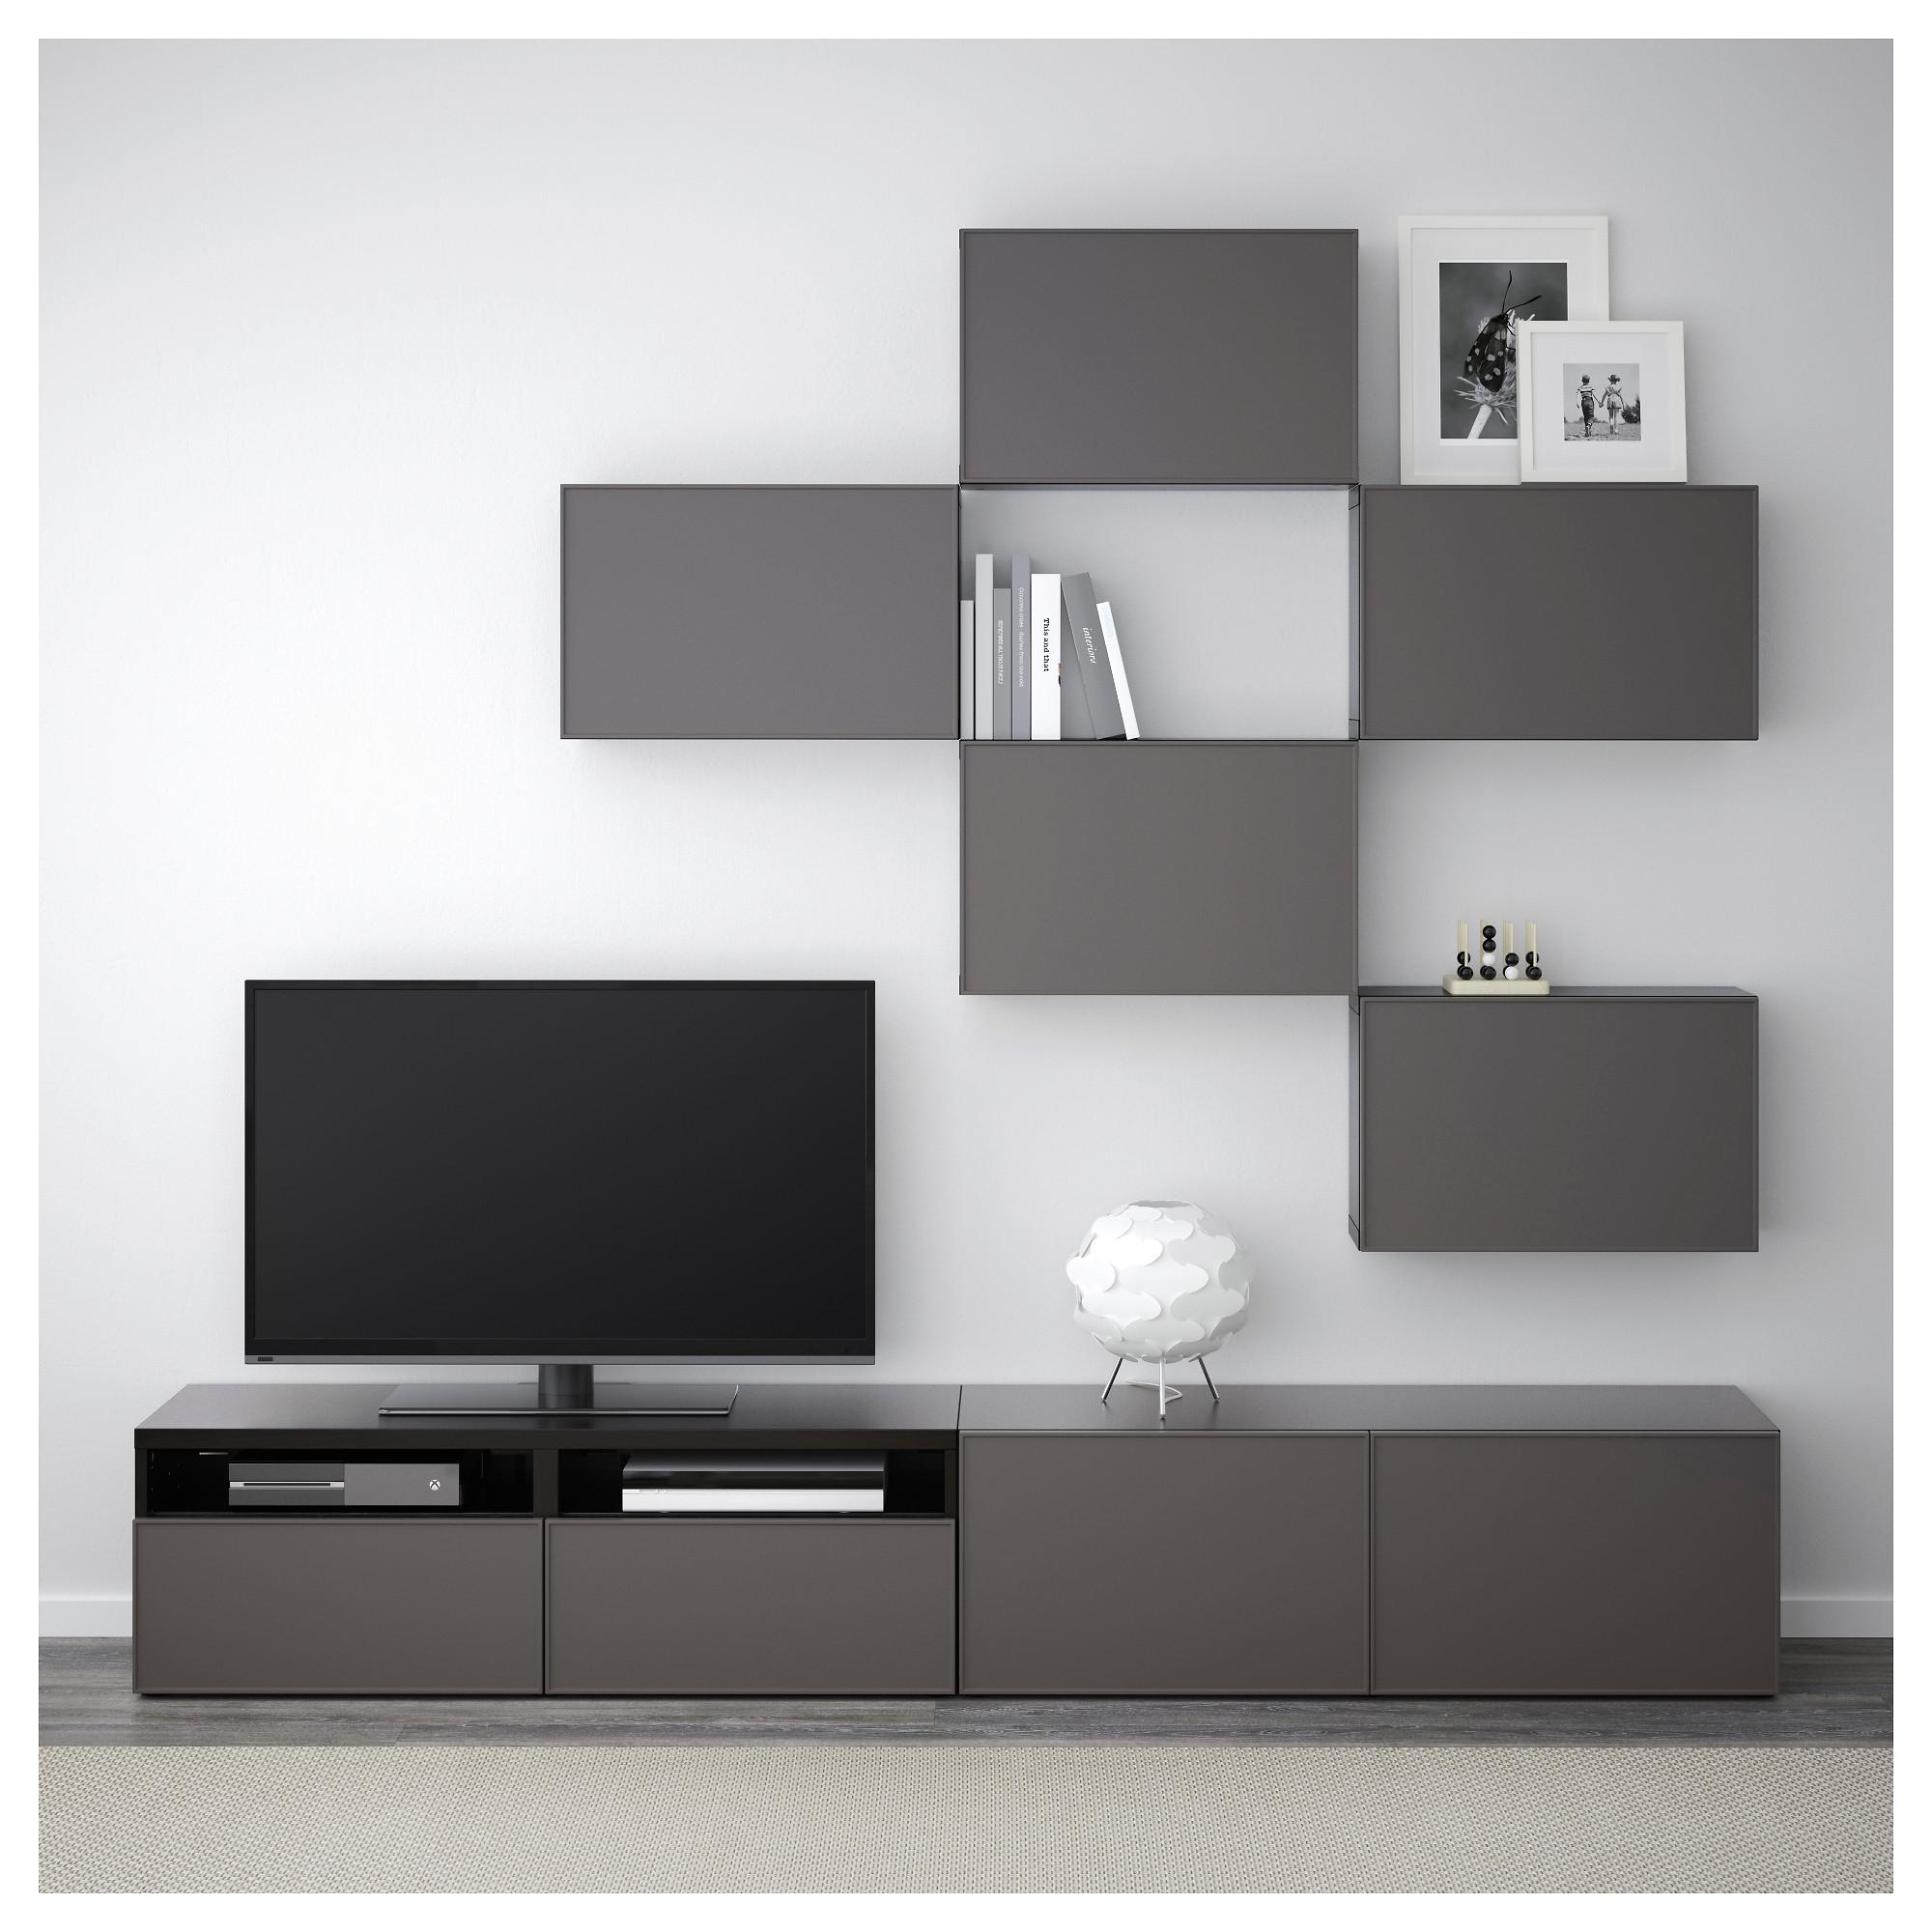 Шкаф для ТВ, комбинация БЕСТО темно-серый артикуль № 892.516.41 в наличии. Online сайт IKEA РБ. Быстрая доставка и установка.